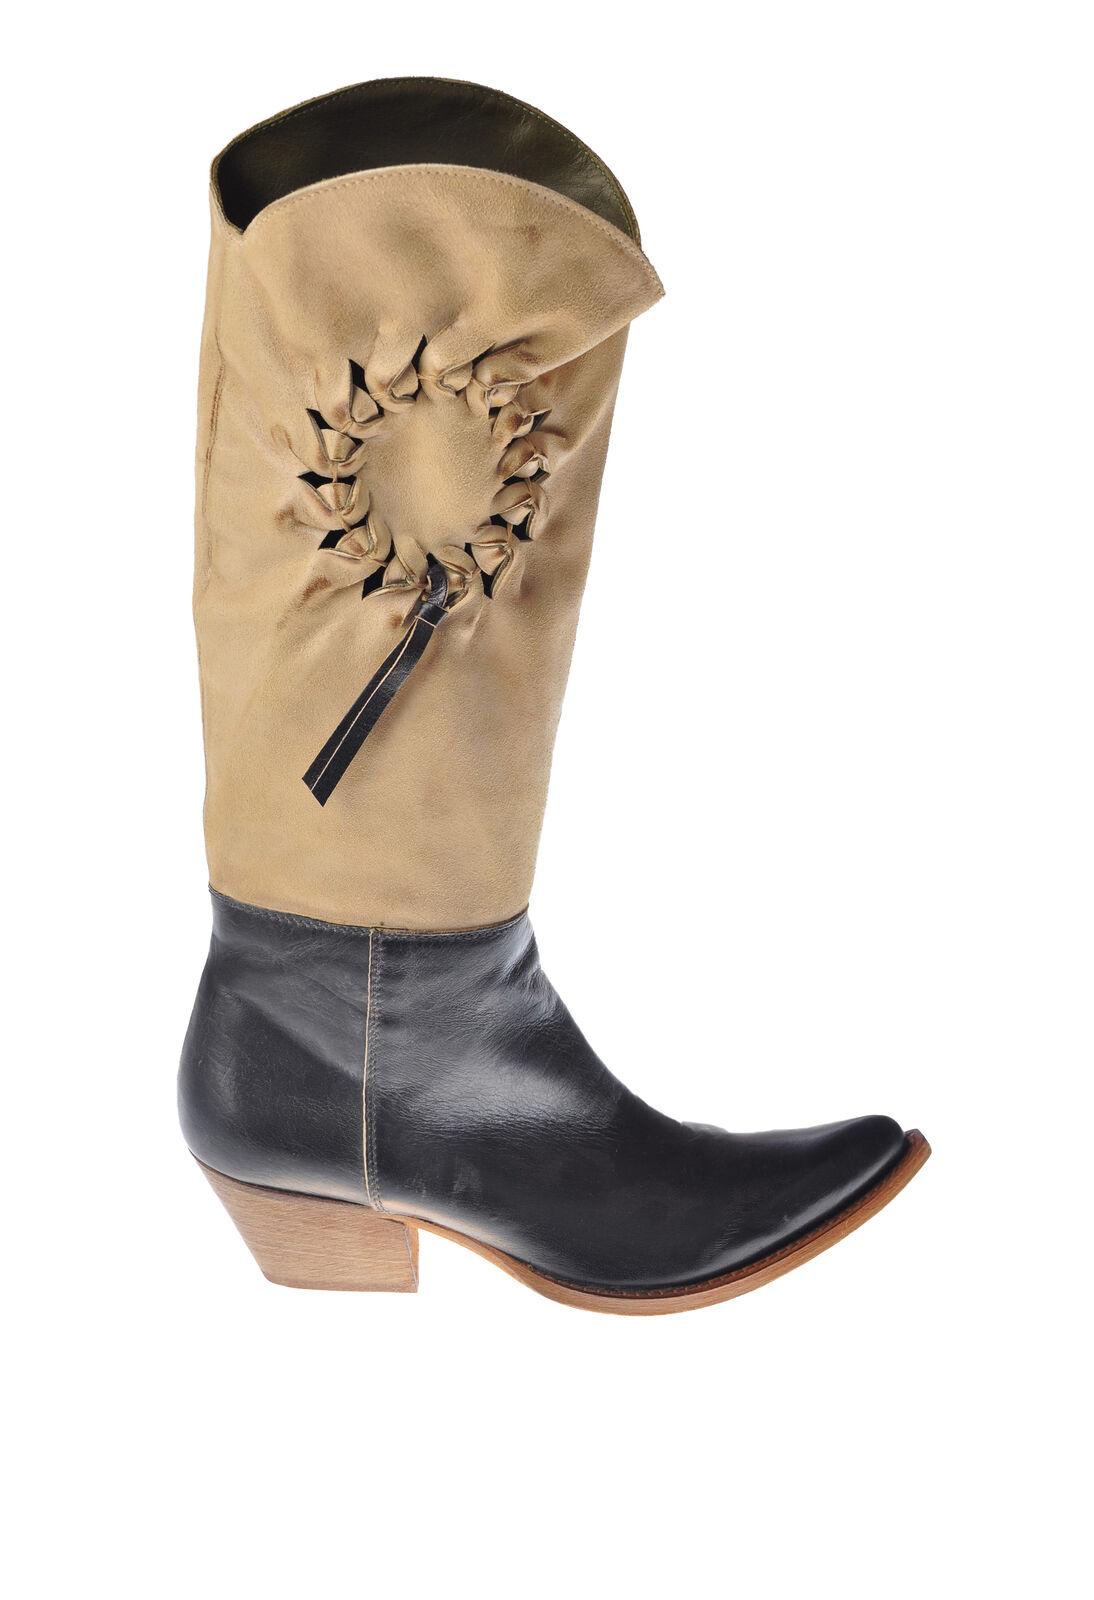 best-seller Moma  -  stivali - Female - - - bianca - 3244117A182005  Miglior prezzo